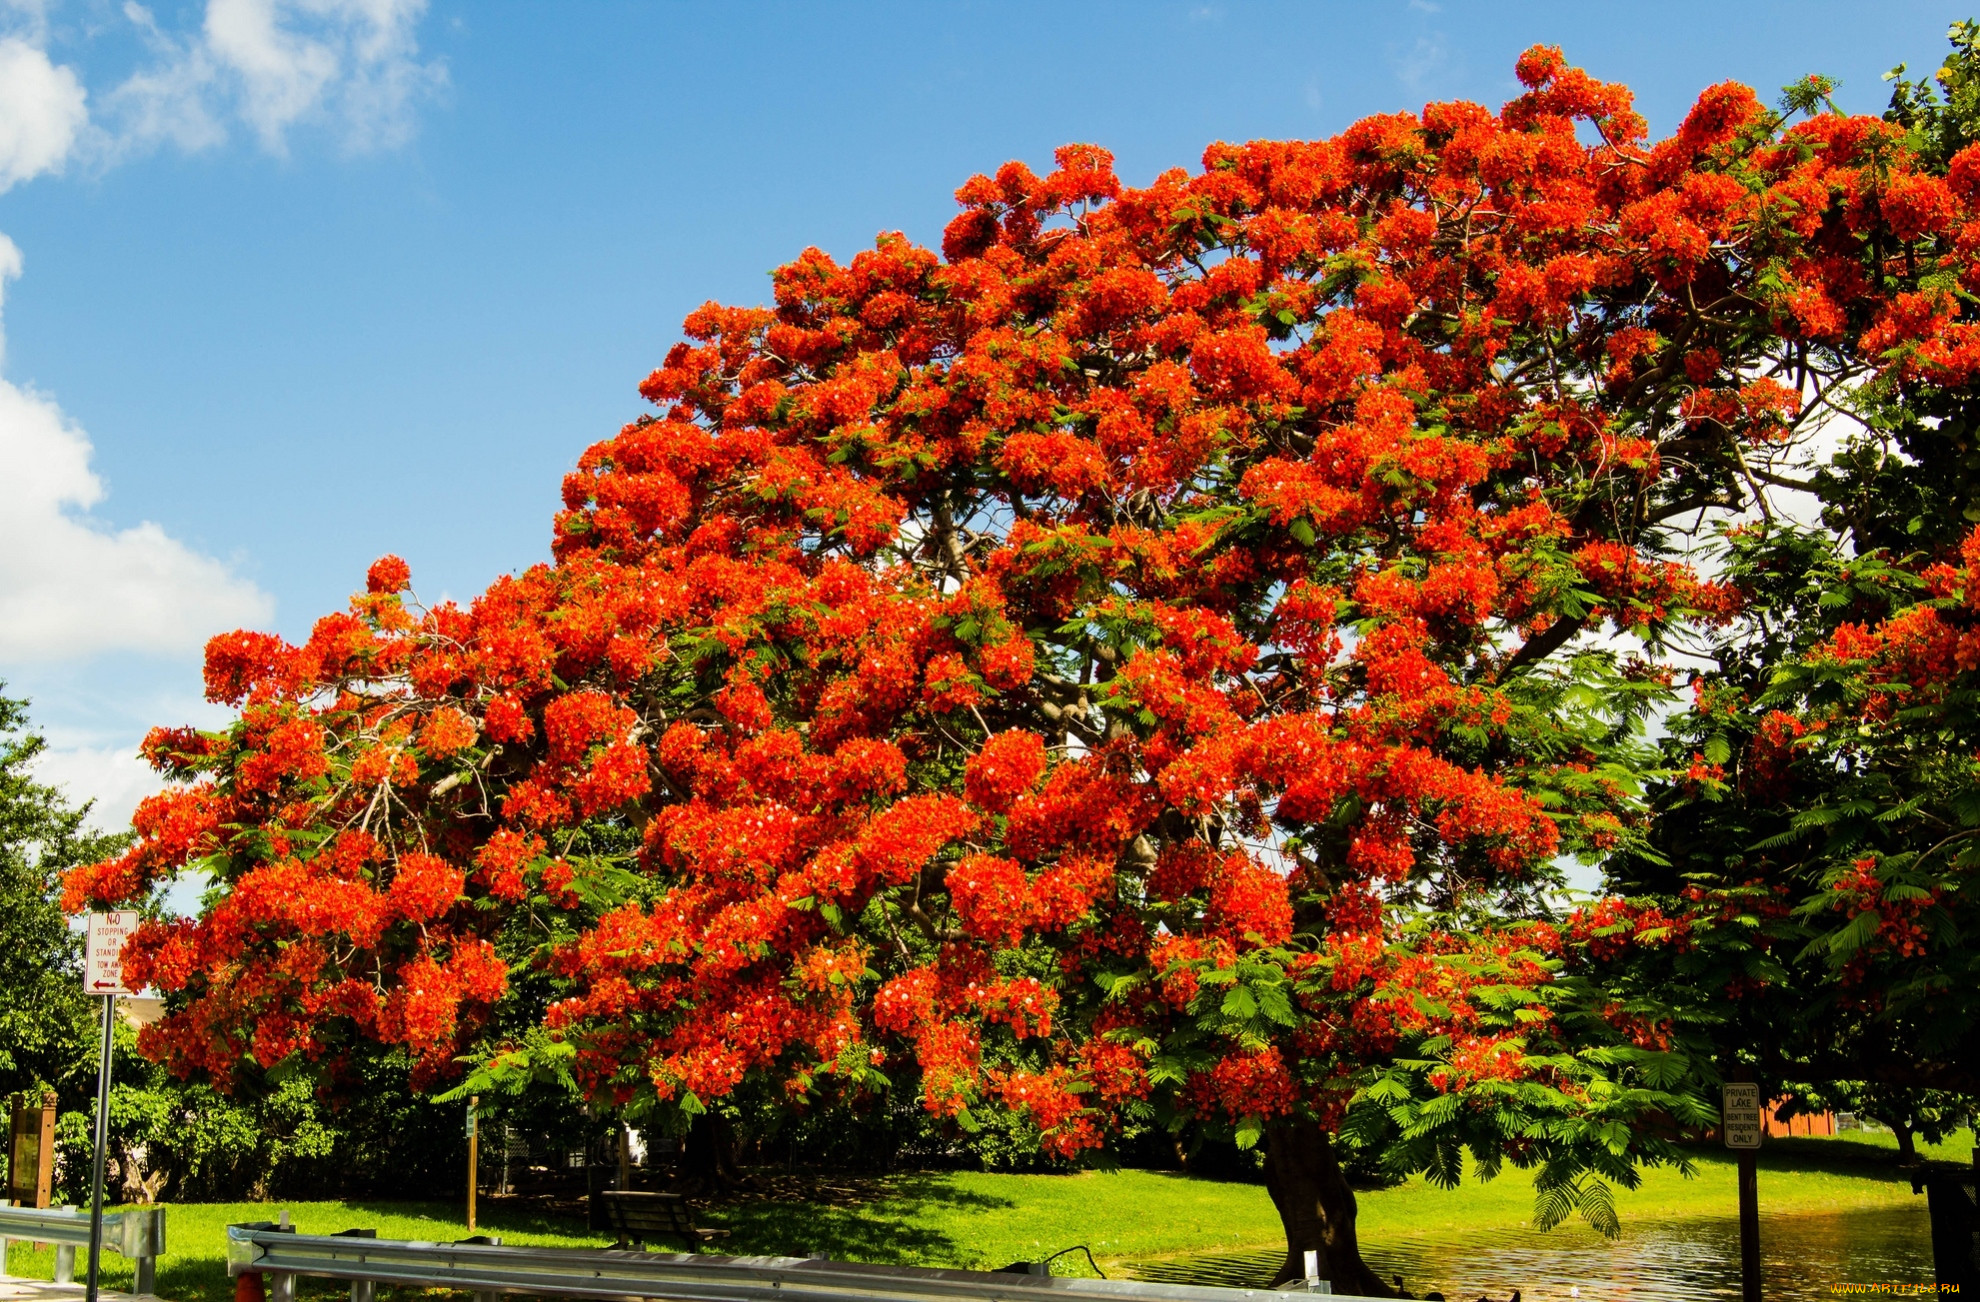 картинки деревьев с названиями и цветами футбол